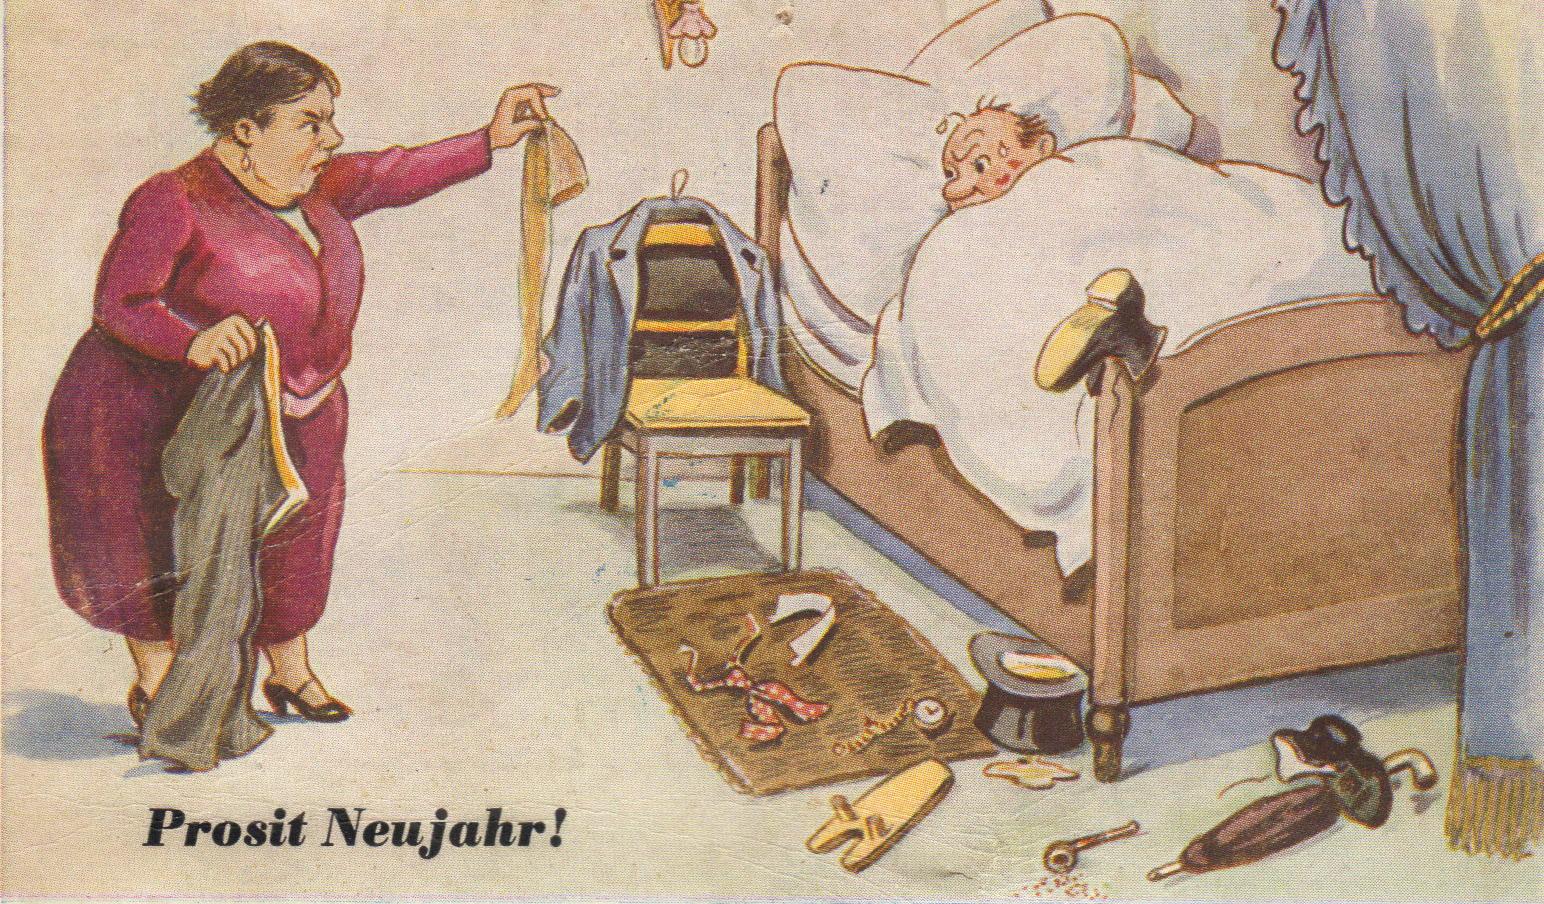 """Erwischt """"Das fängt ja gut an"""" - Karte aus dem Jahr 1959 -"""